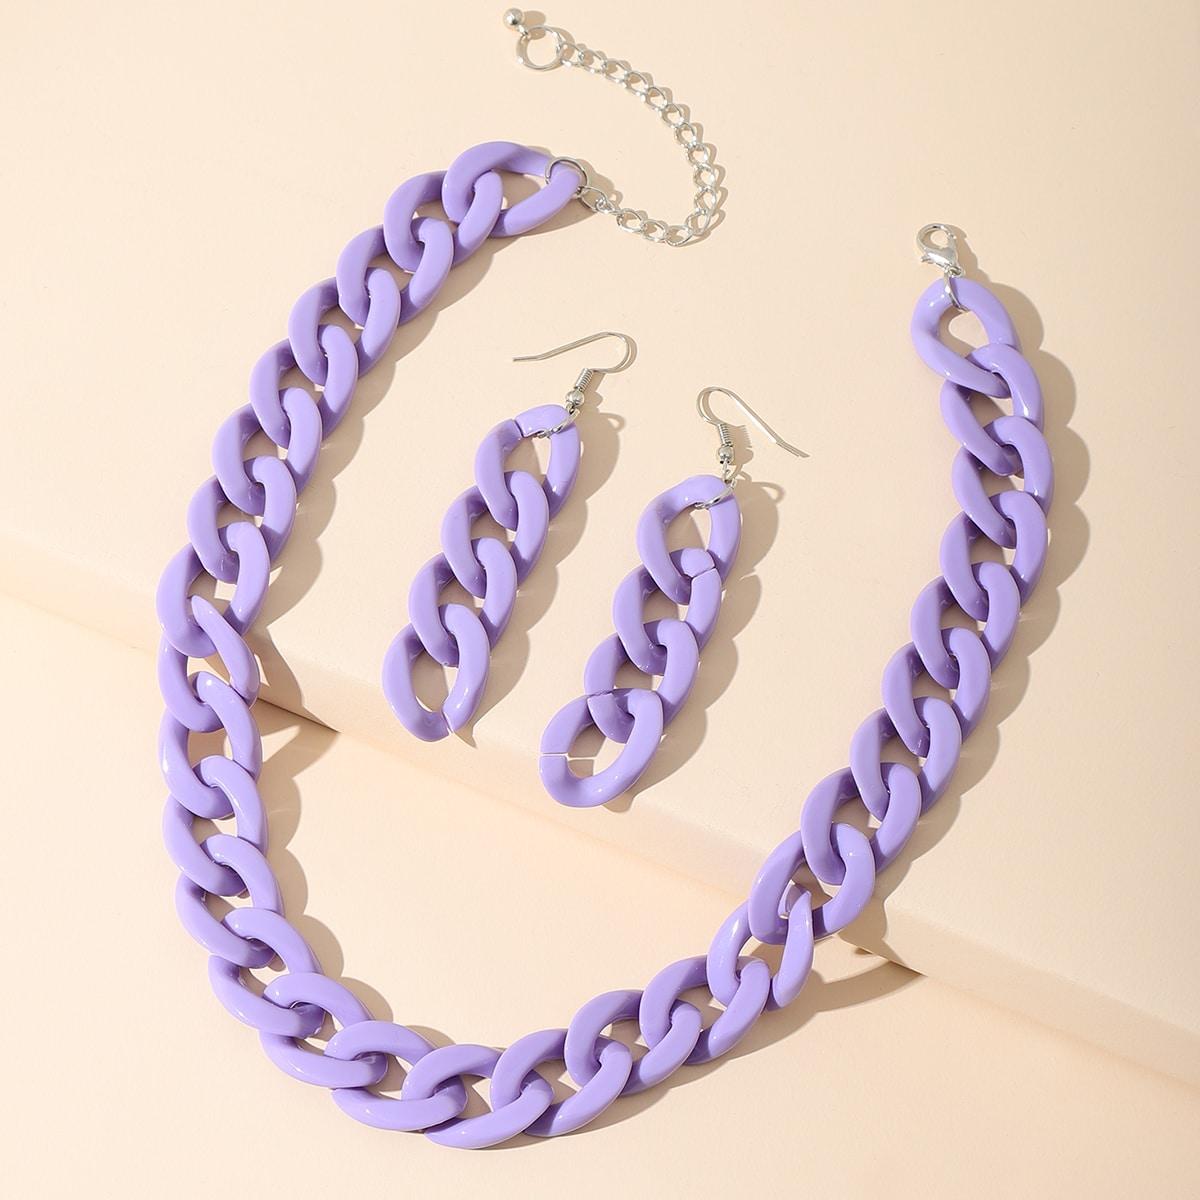 3pcs Chain Jewelry Set